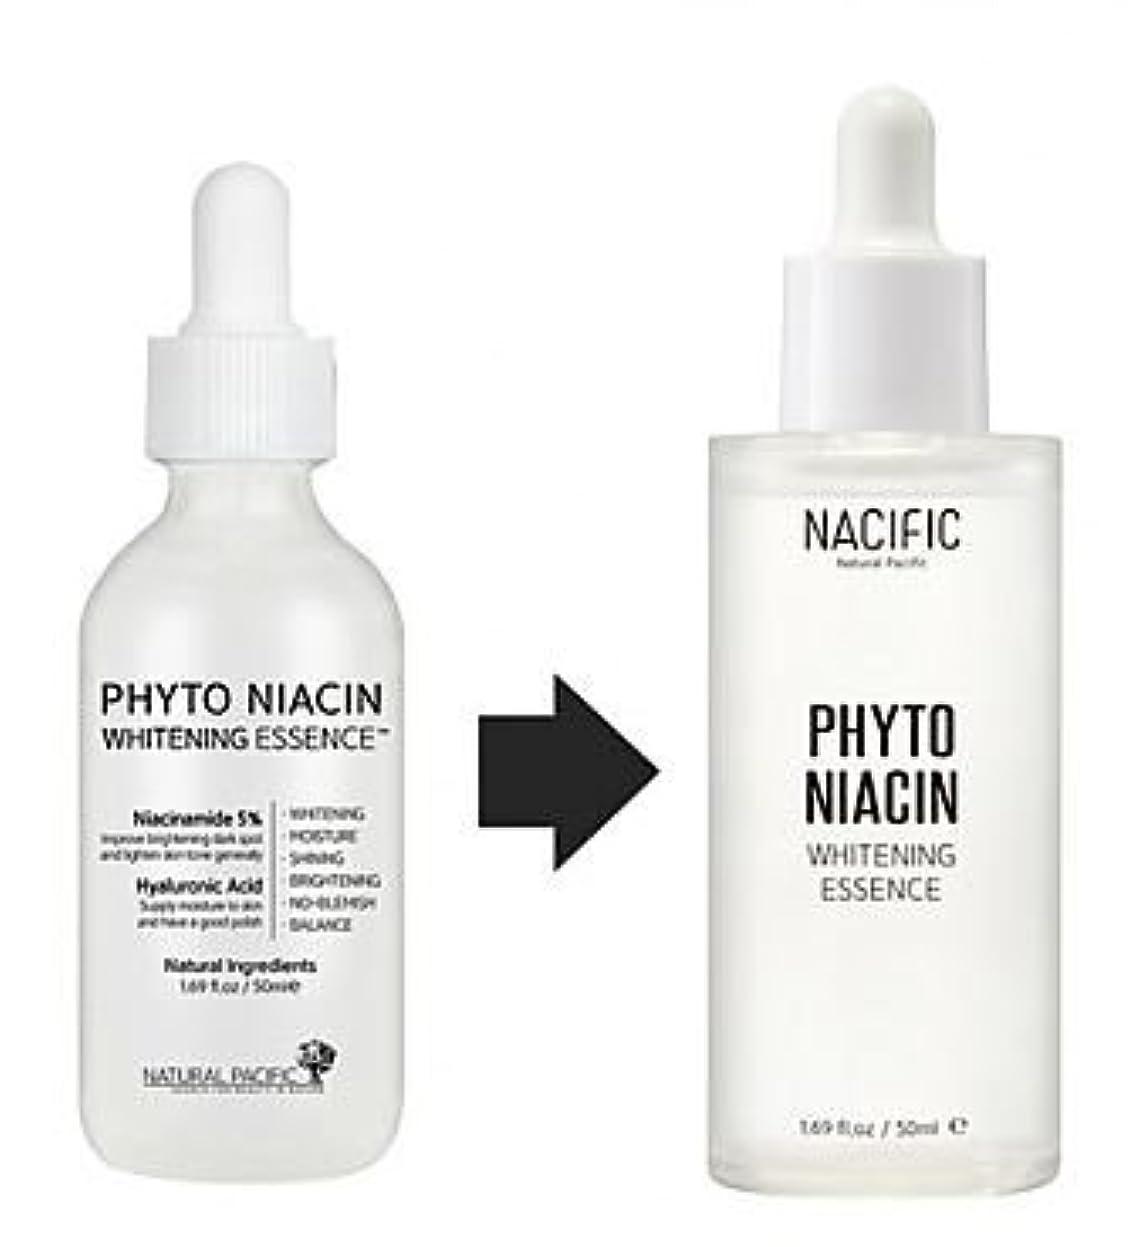 小道具経歴甘味[NACIFIC]Phyto Niacin Whitening Essence 50ml/ナチュラルパシフィック フィト ナイアシン ホワイトニング エッセンス 50ml [並行輸入品]